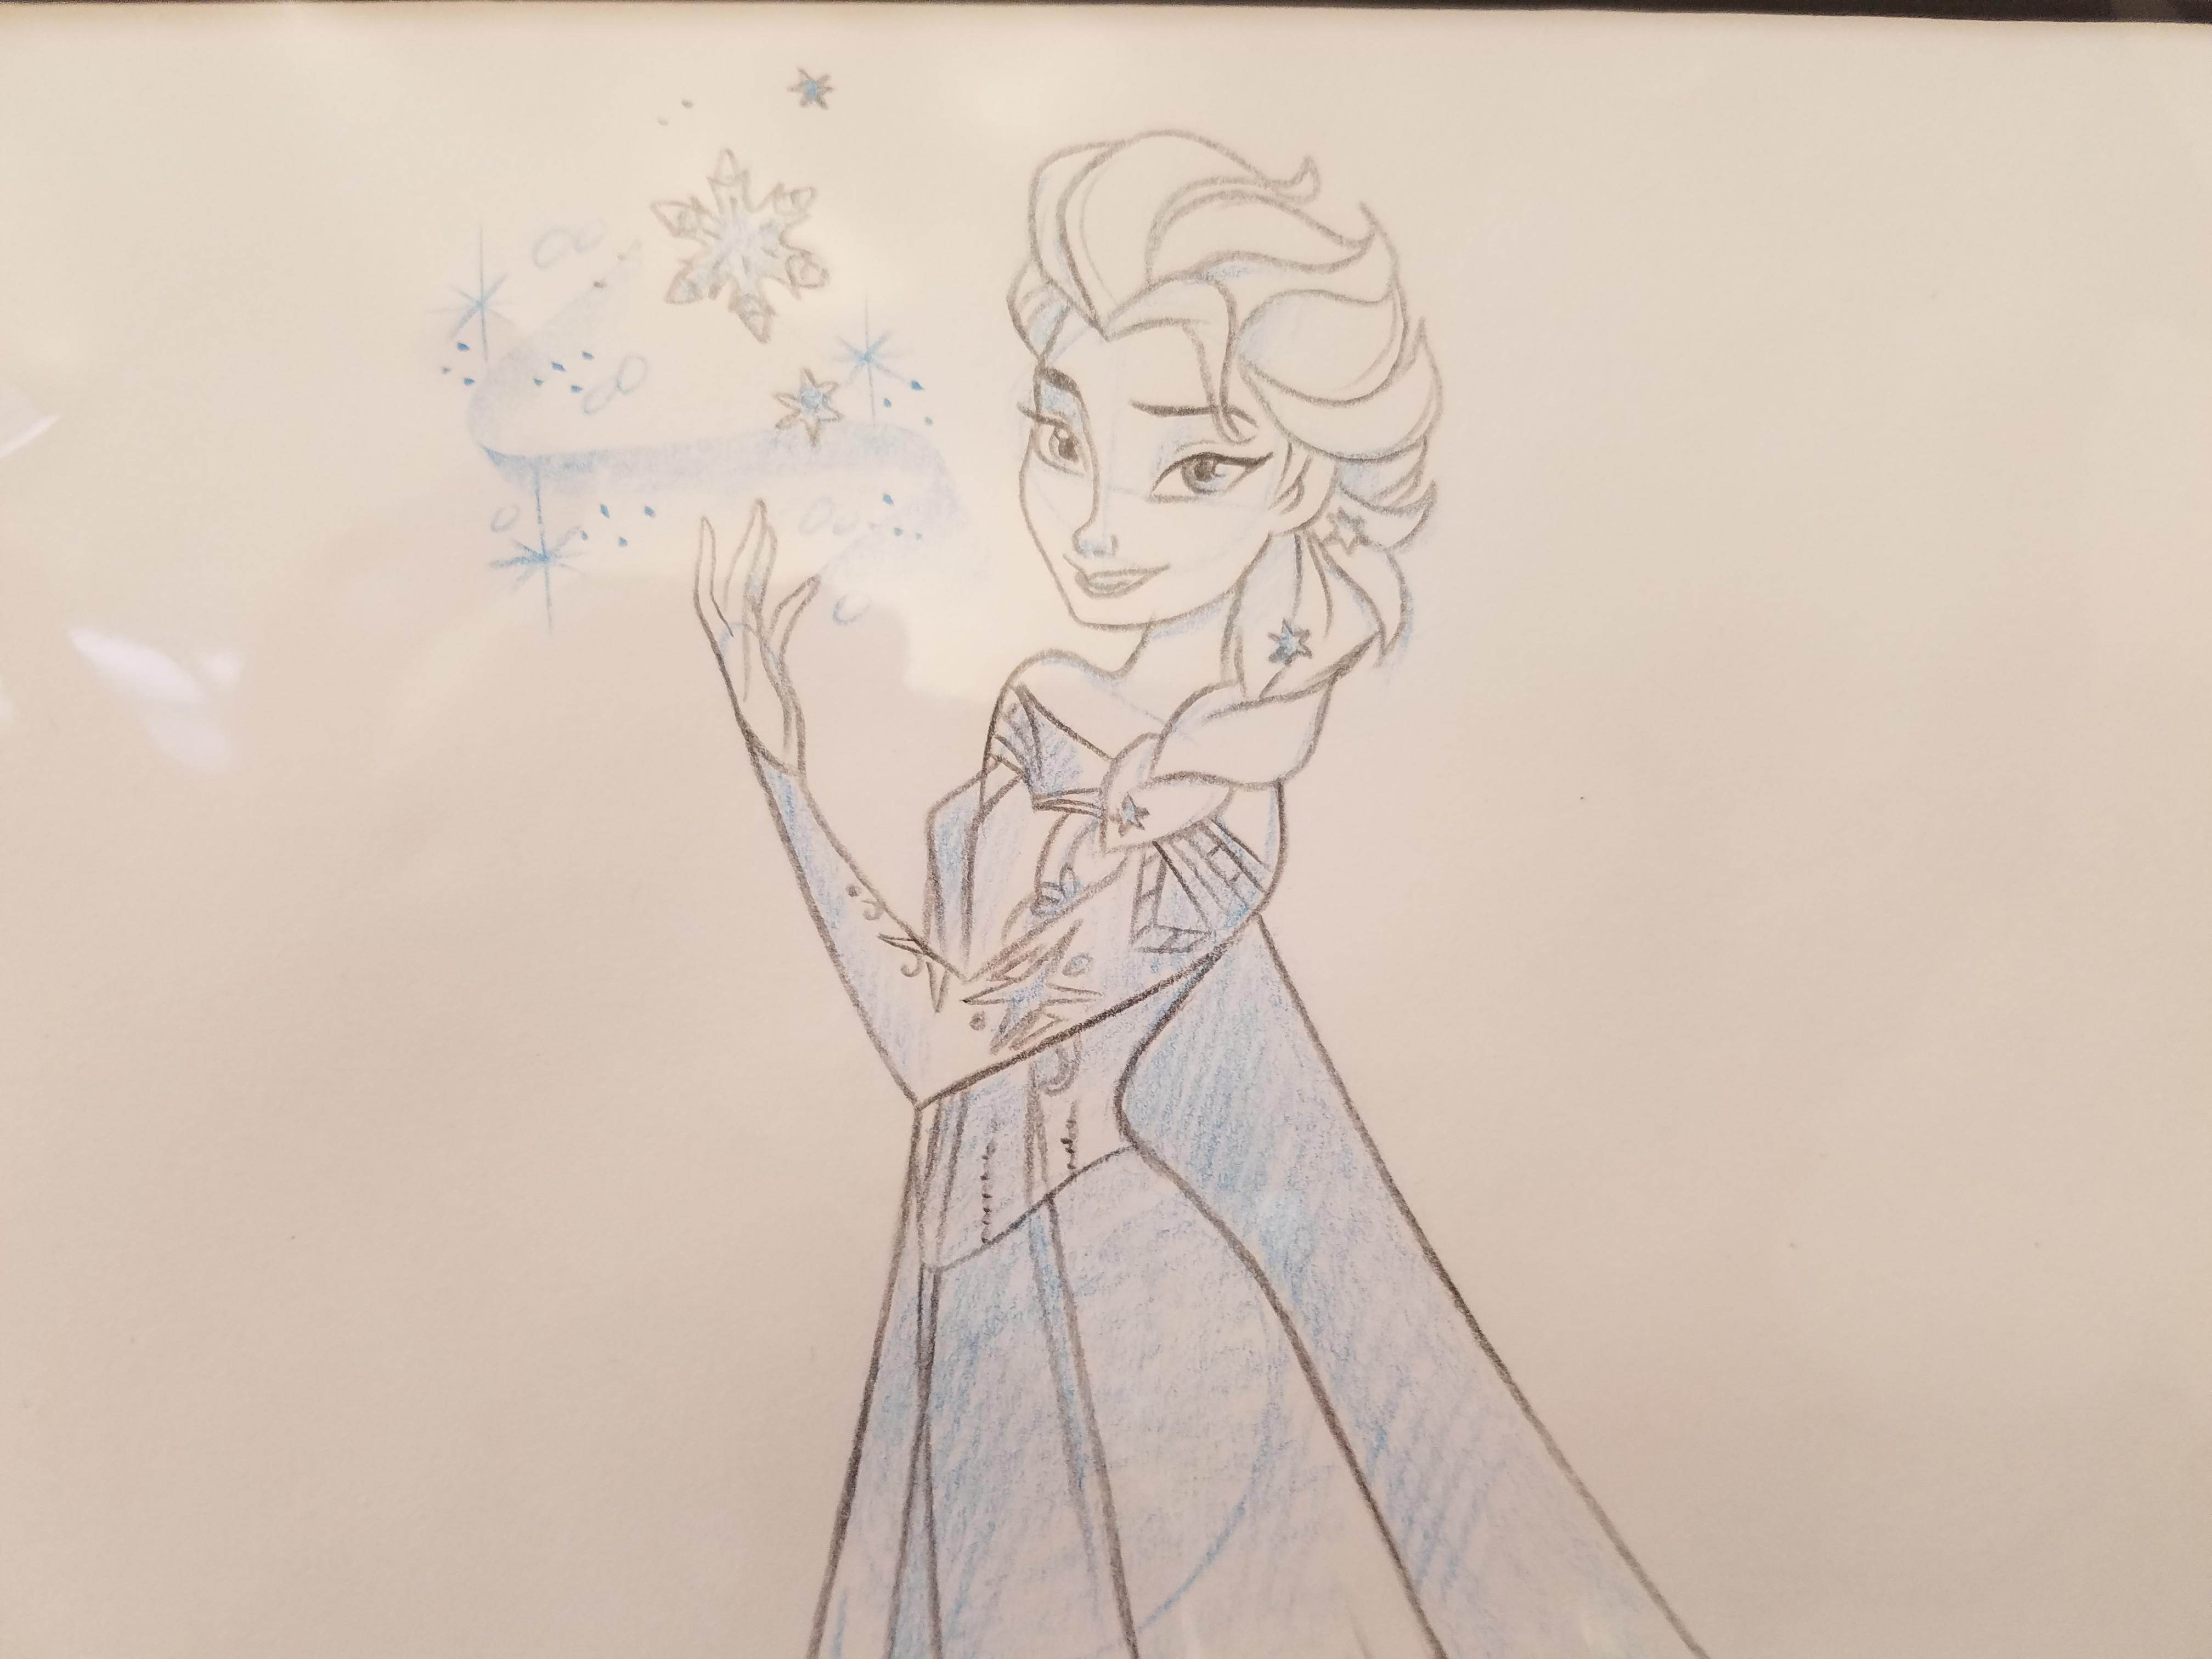 Anna Elsa Drawings